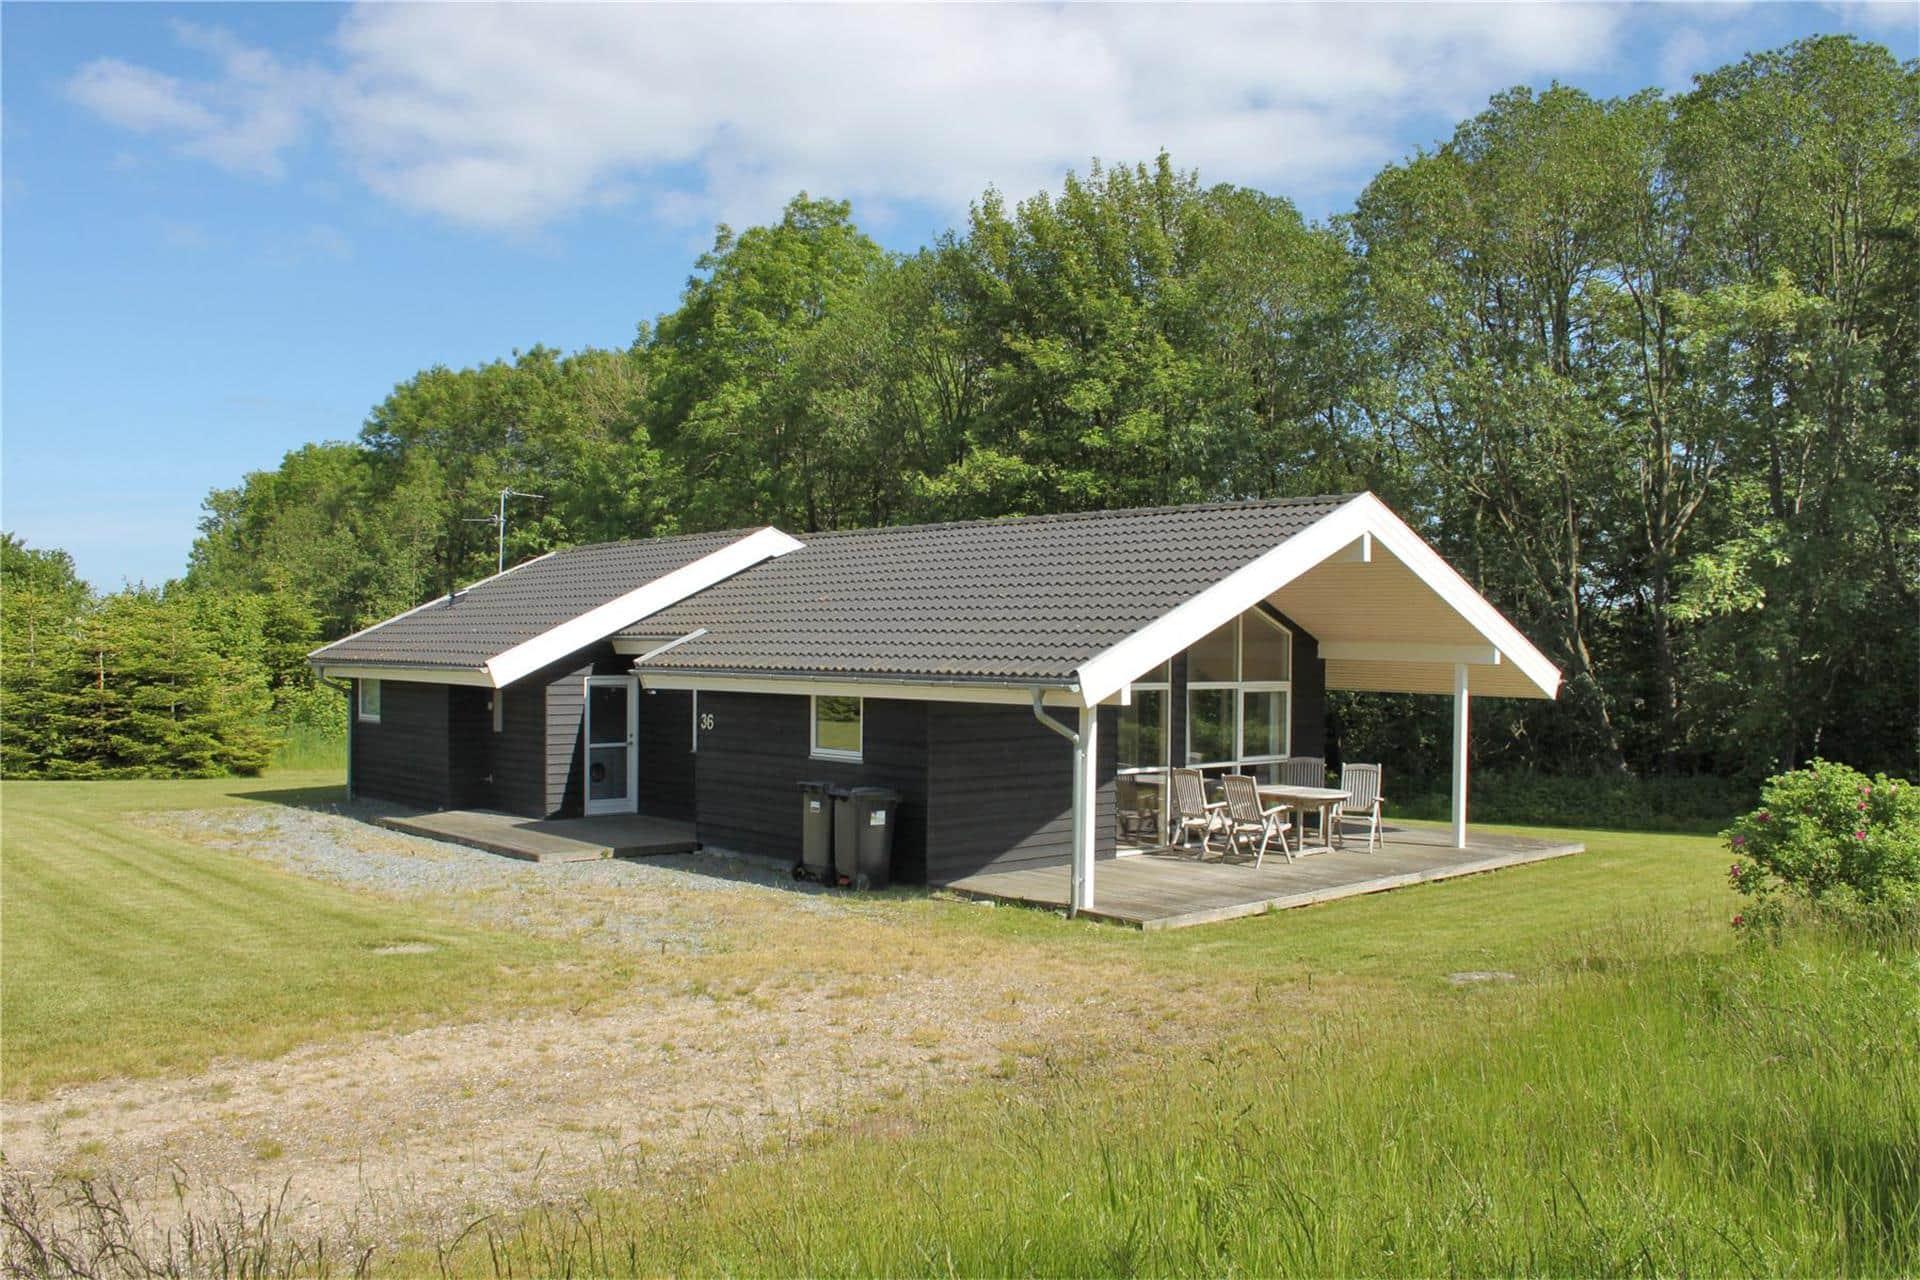 Afbeelding 1-3 Vakantiehuis F503882, Fiskervej 36, DK - 6470 Sydals